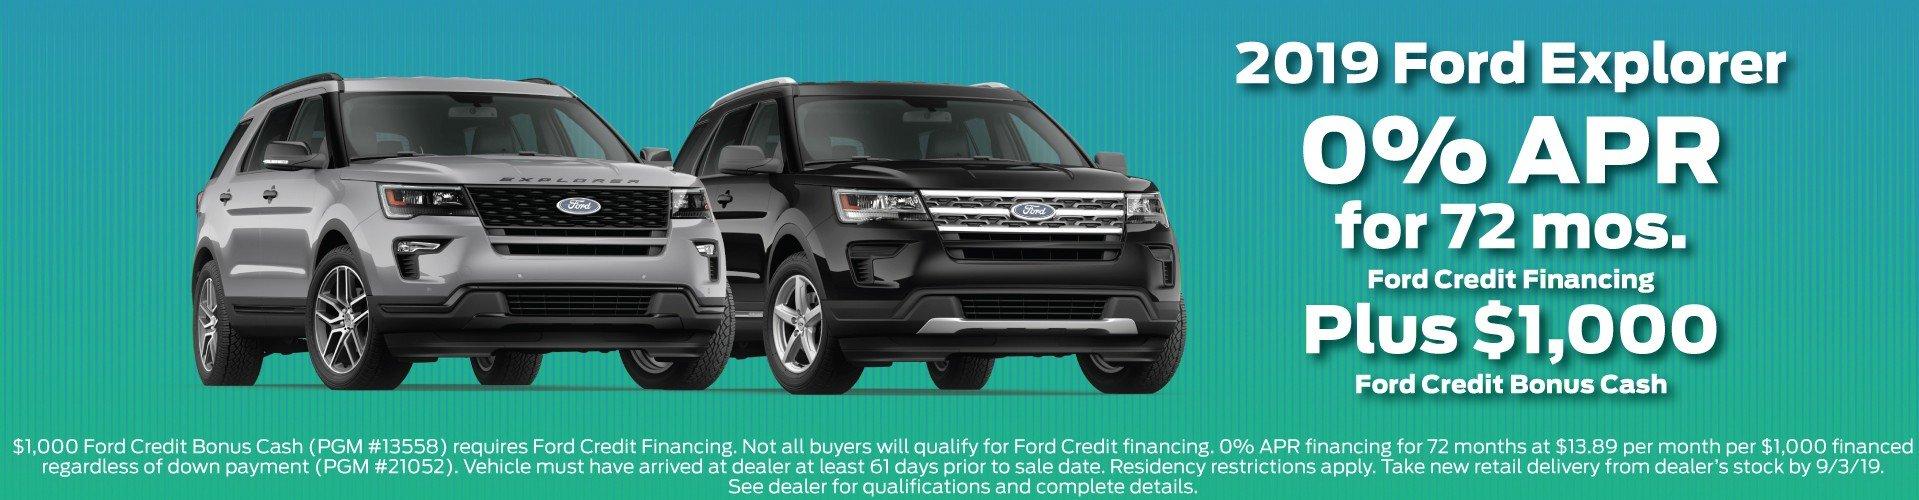 2019 Ford Explorer Offer 7-2019